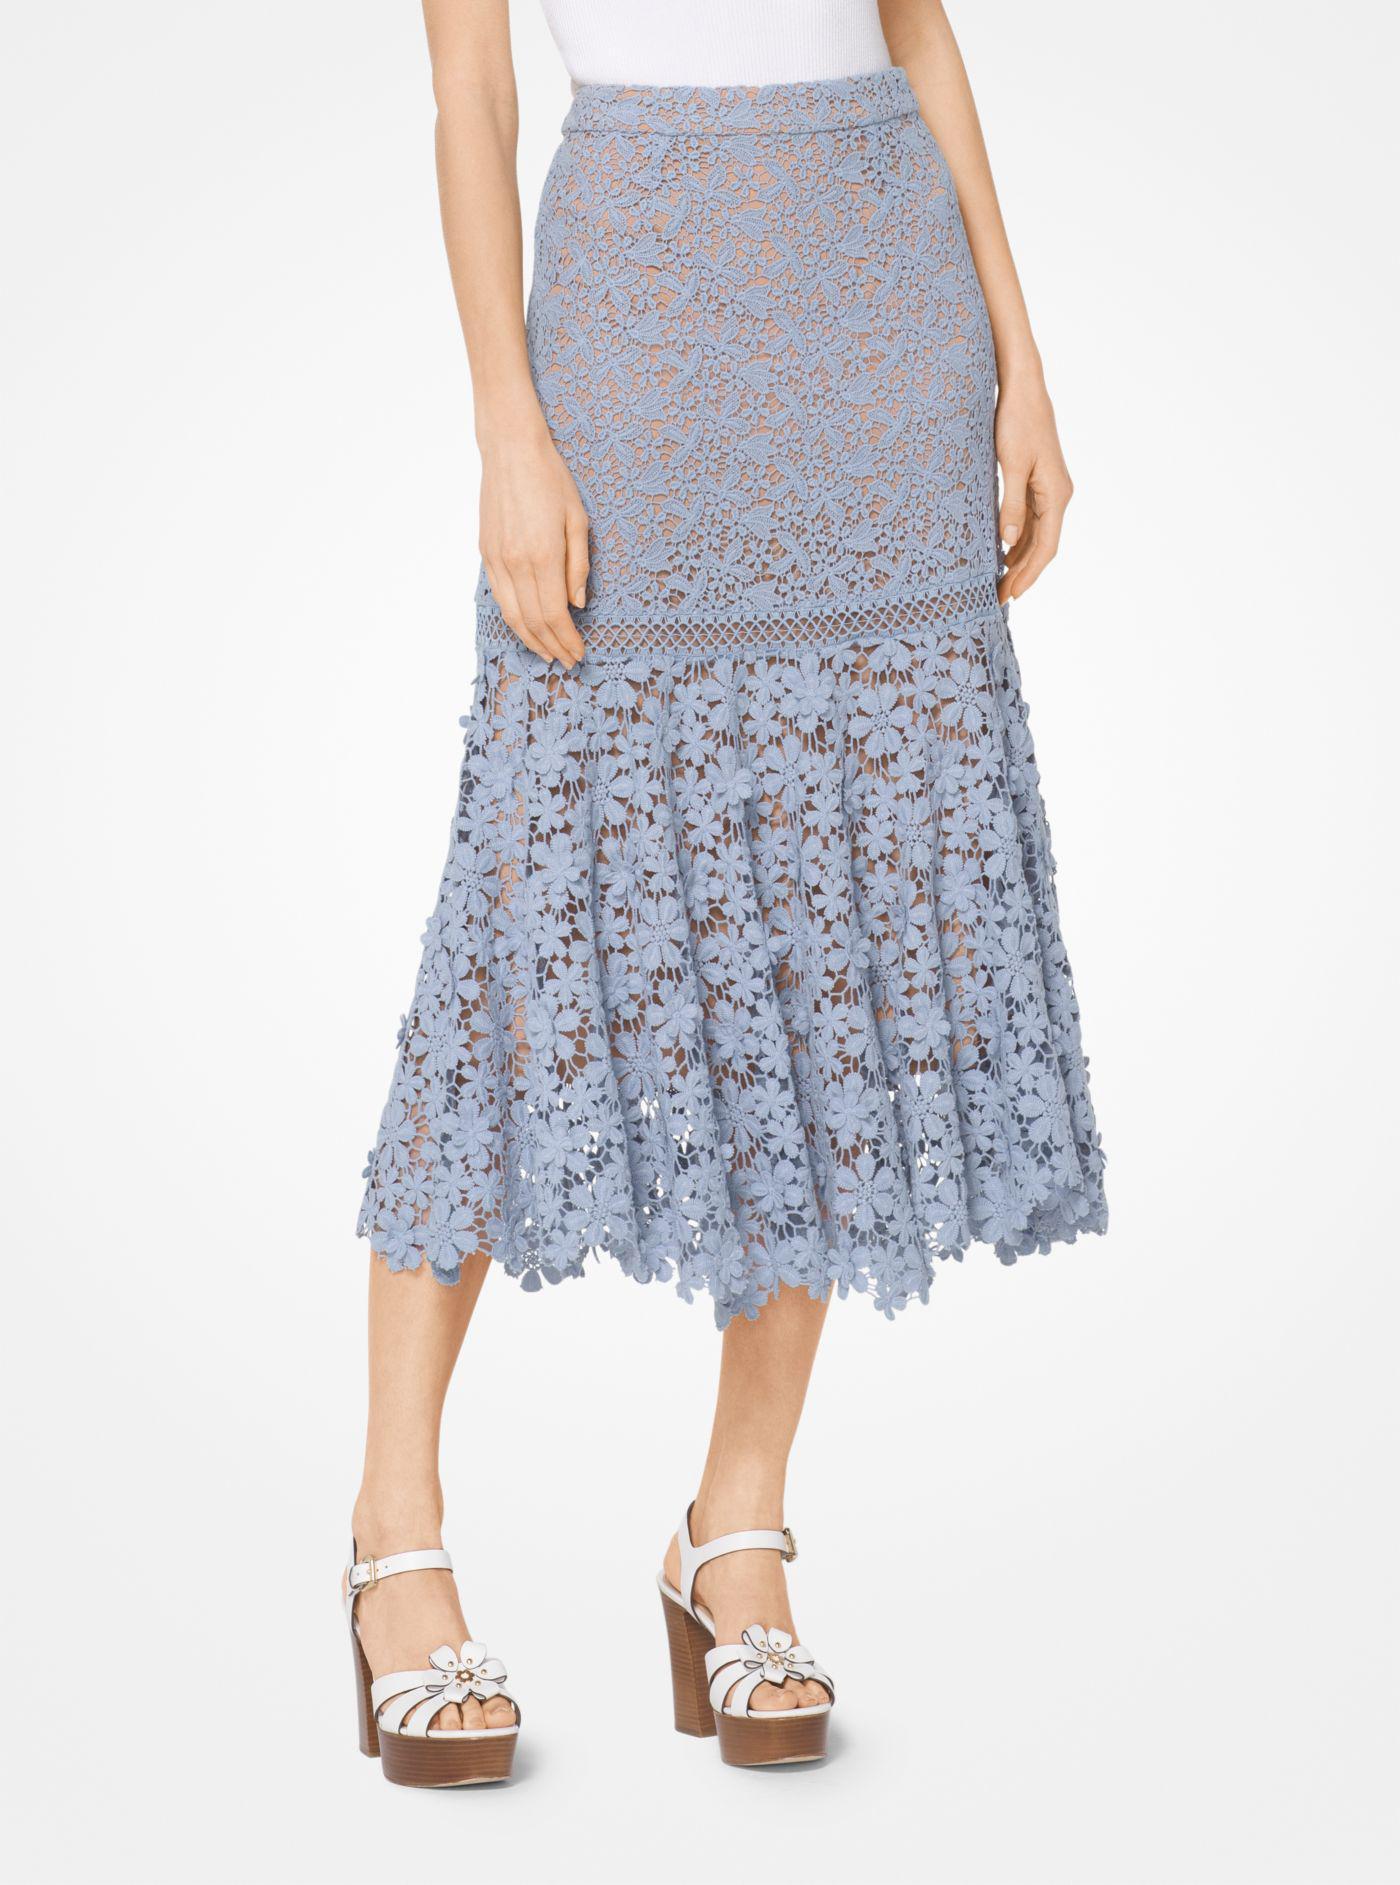 Lyst - Falda de encaje con estampado floral variado Michael Kors de ... 7a712f3fbc33